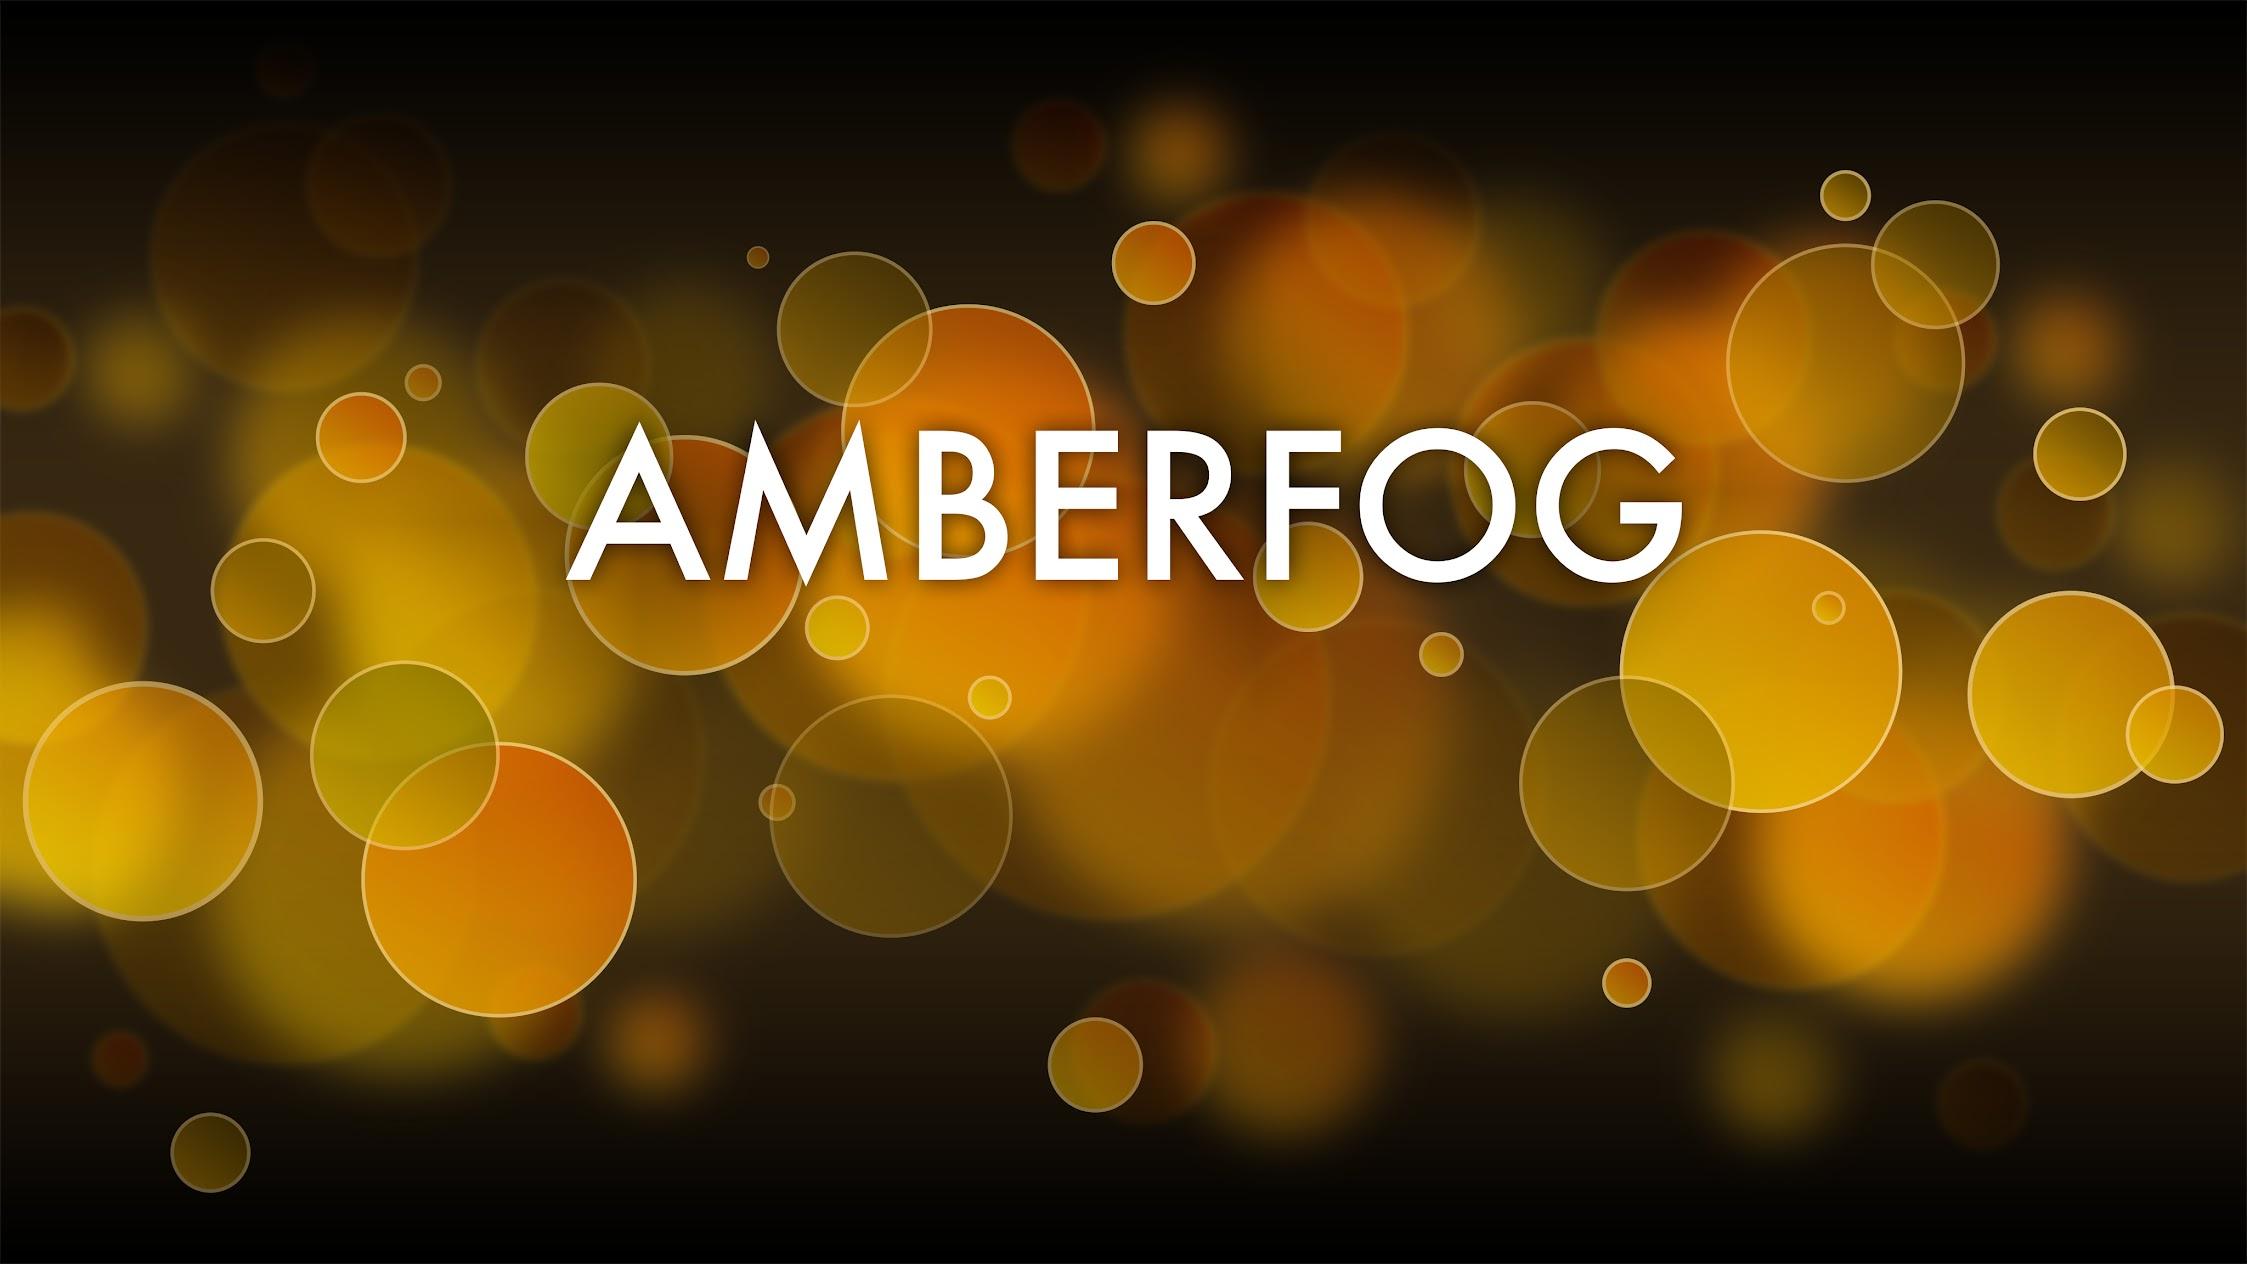 Amberfog